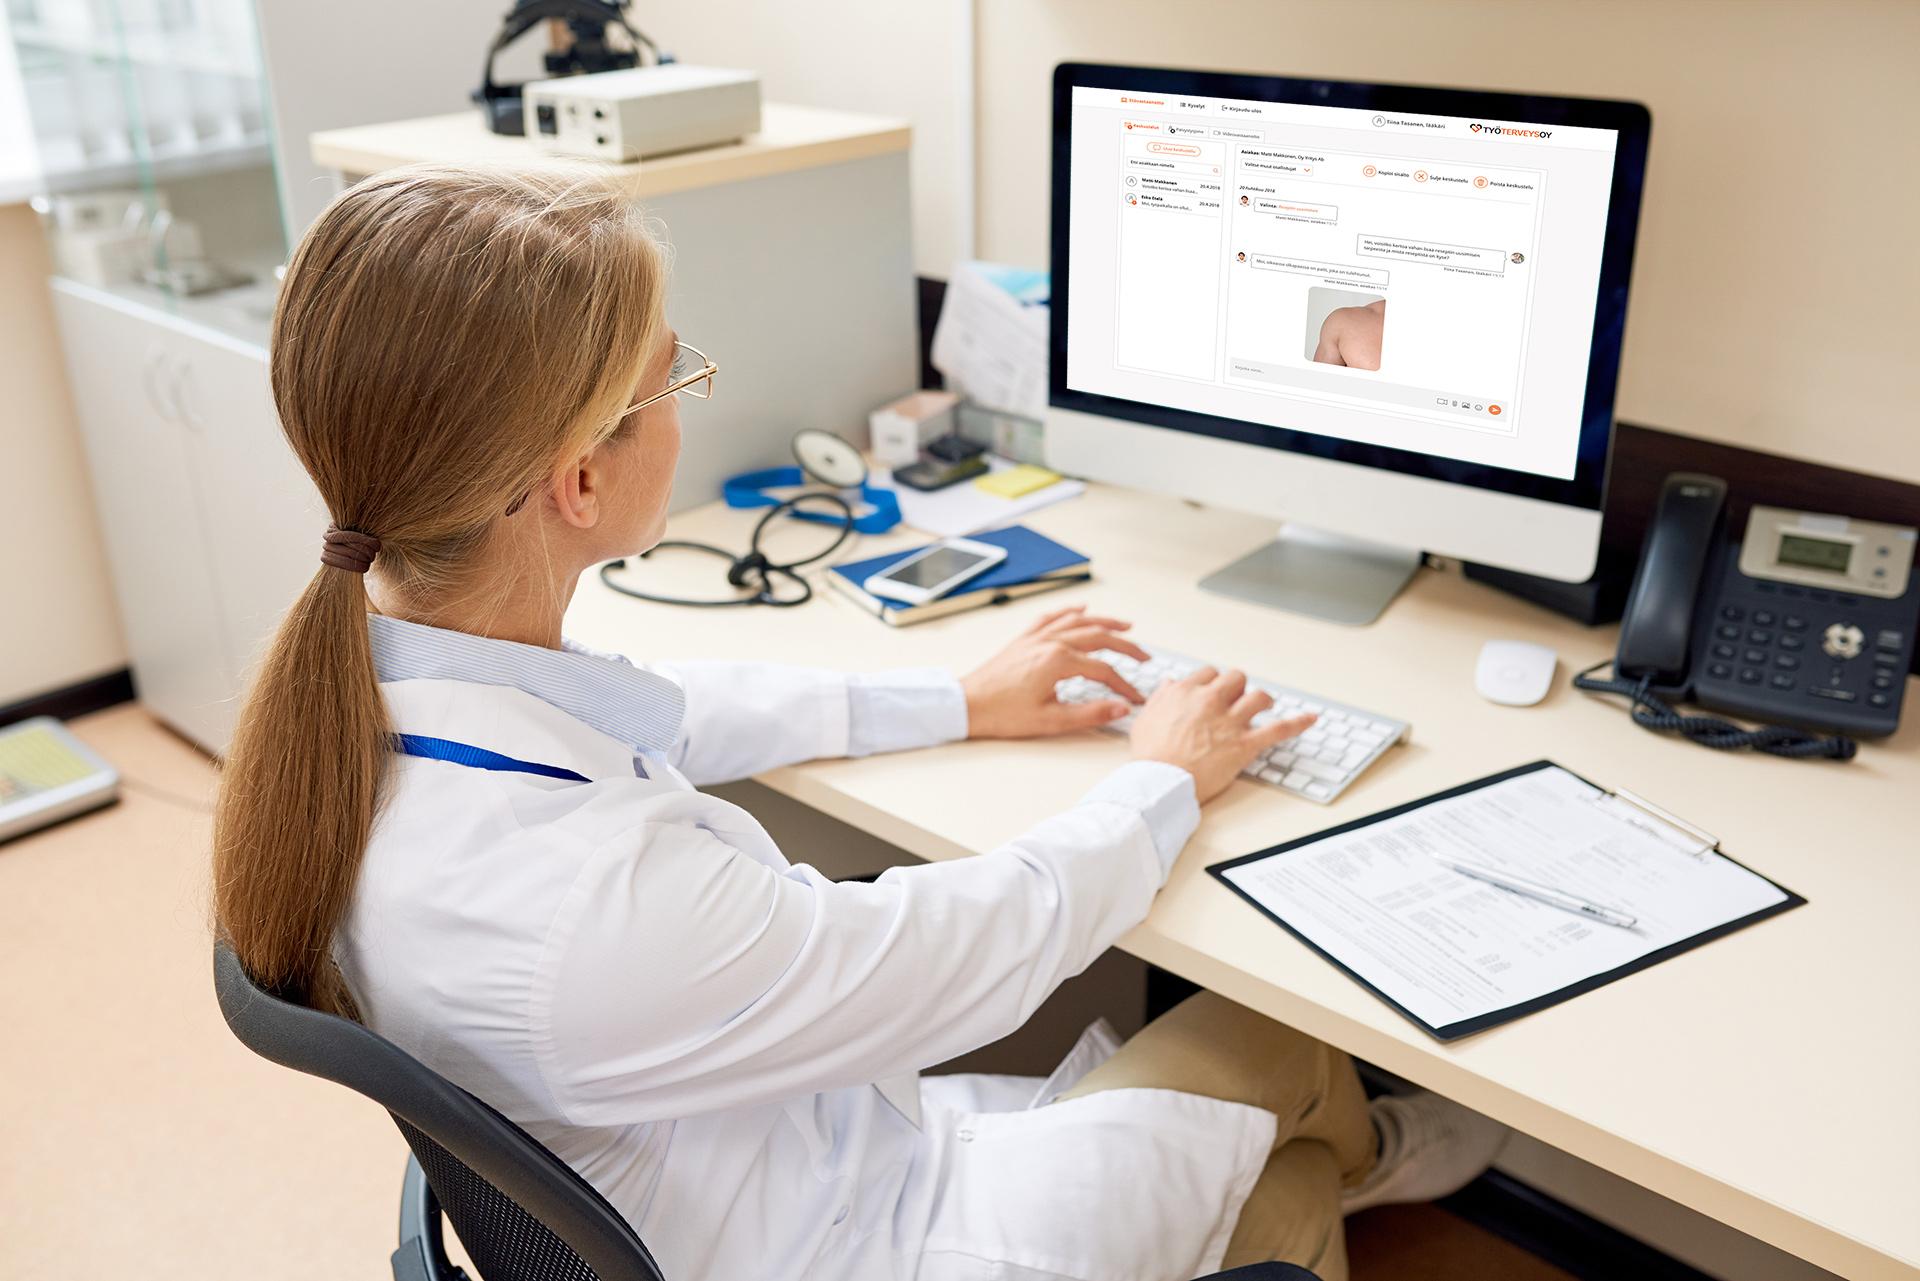 Moderni terveyden palvelupolun kokonaisratkaisu jättää enemmän aikaa ihmiseltä ihmiselle tapahtuvaan kohtaamiseen